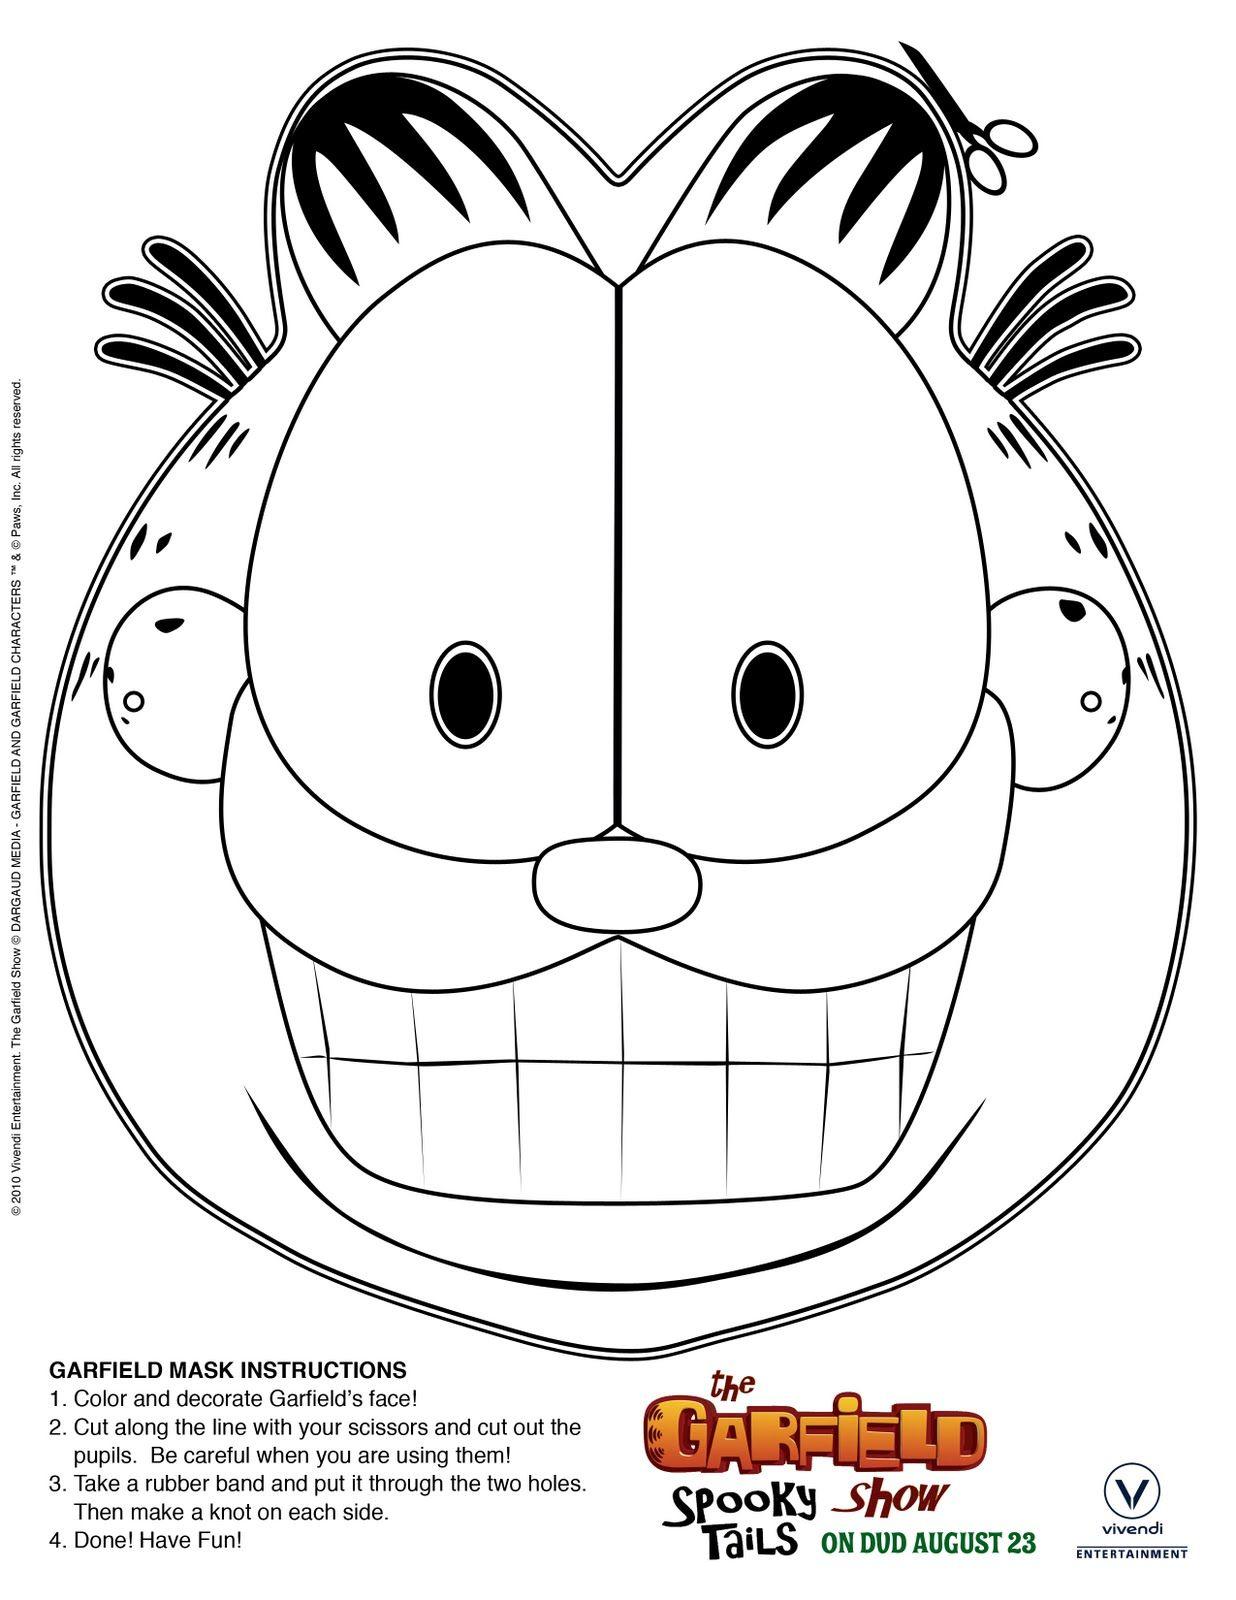 mask printable | Garfield Mask printable coloring page for kids ...